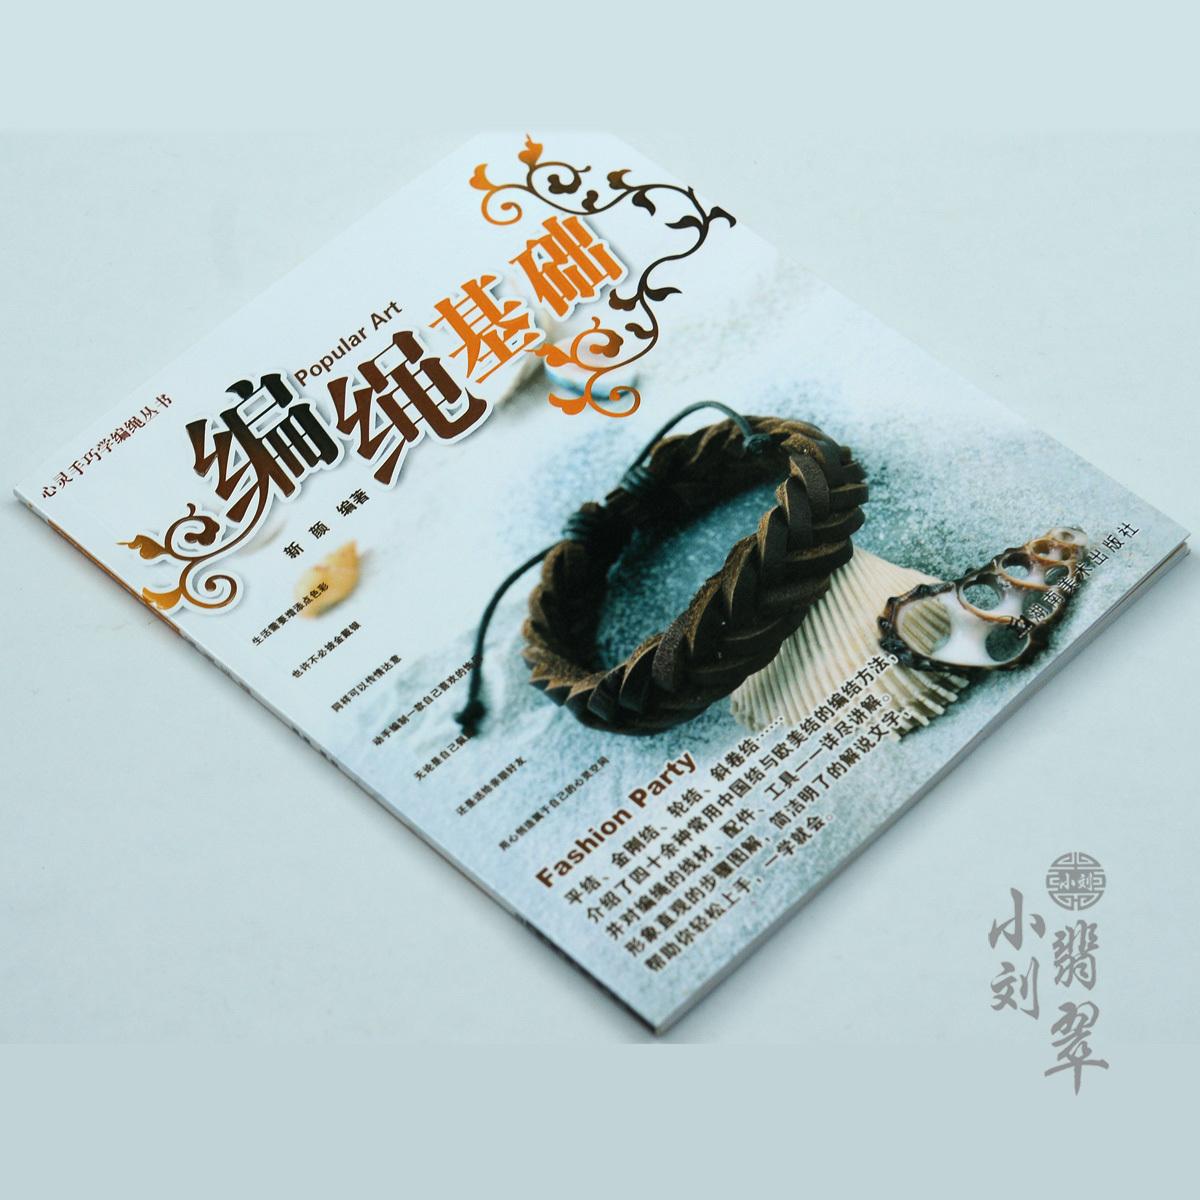 Книга, Газета, Каталог Liu Fei подготовки основной курс книги являются узел ручной веревку Фонд искусств грунтовка книга Китая